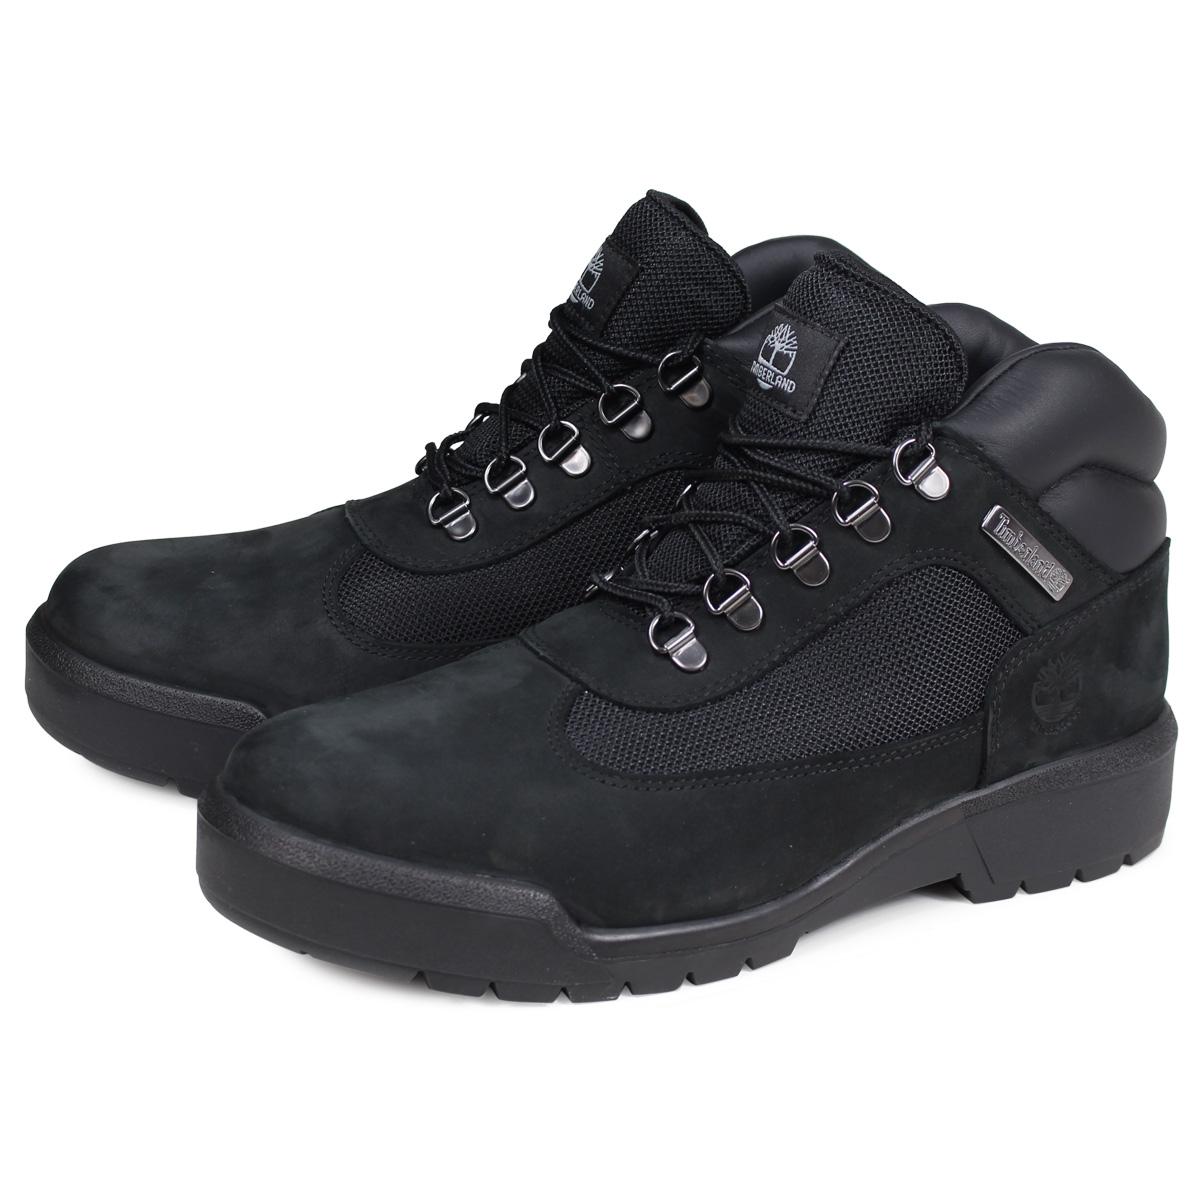 【最大2000円OFFクーポン】 Timberland FIELD BOOT F/L WATERPROOF ティンバーランド フィールド ブーツ メンズ Mワイズ 防水 ブラック 黒 A1A12